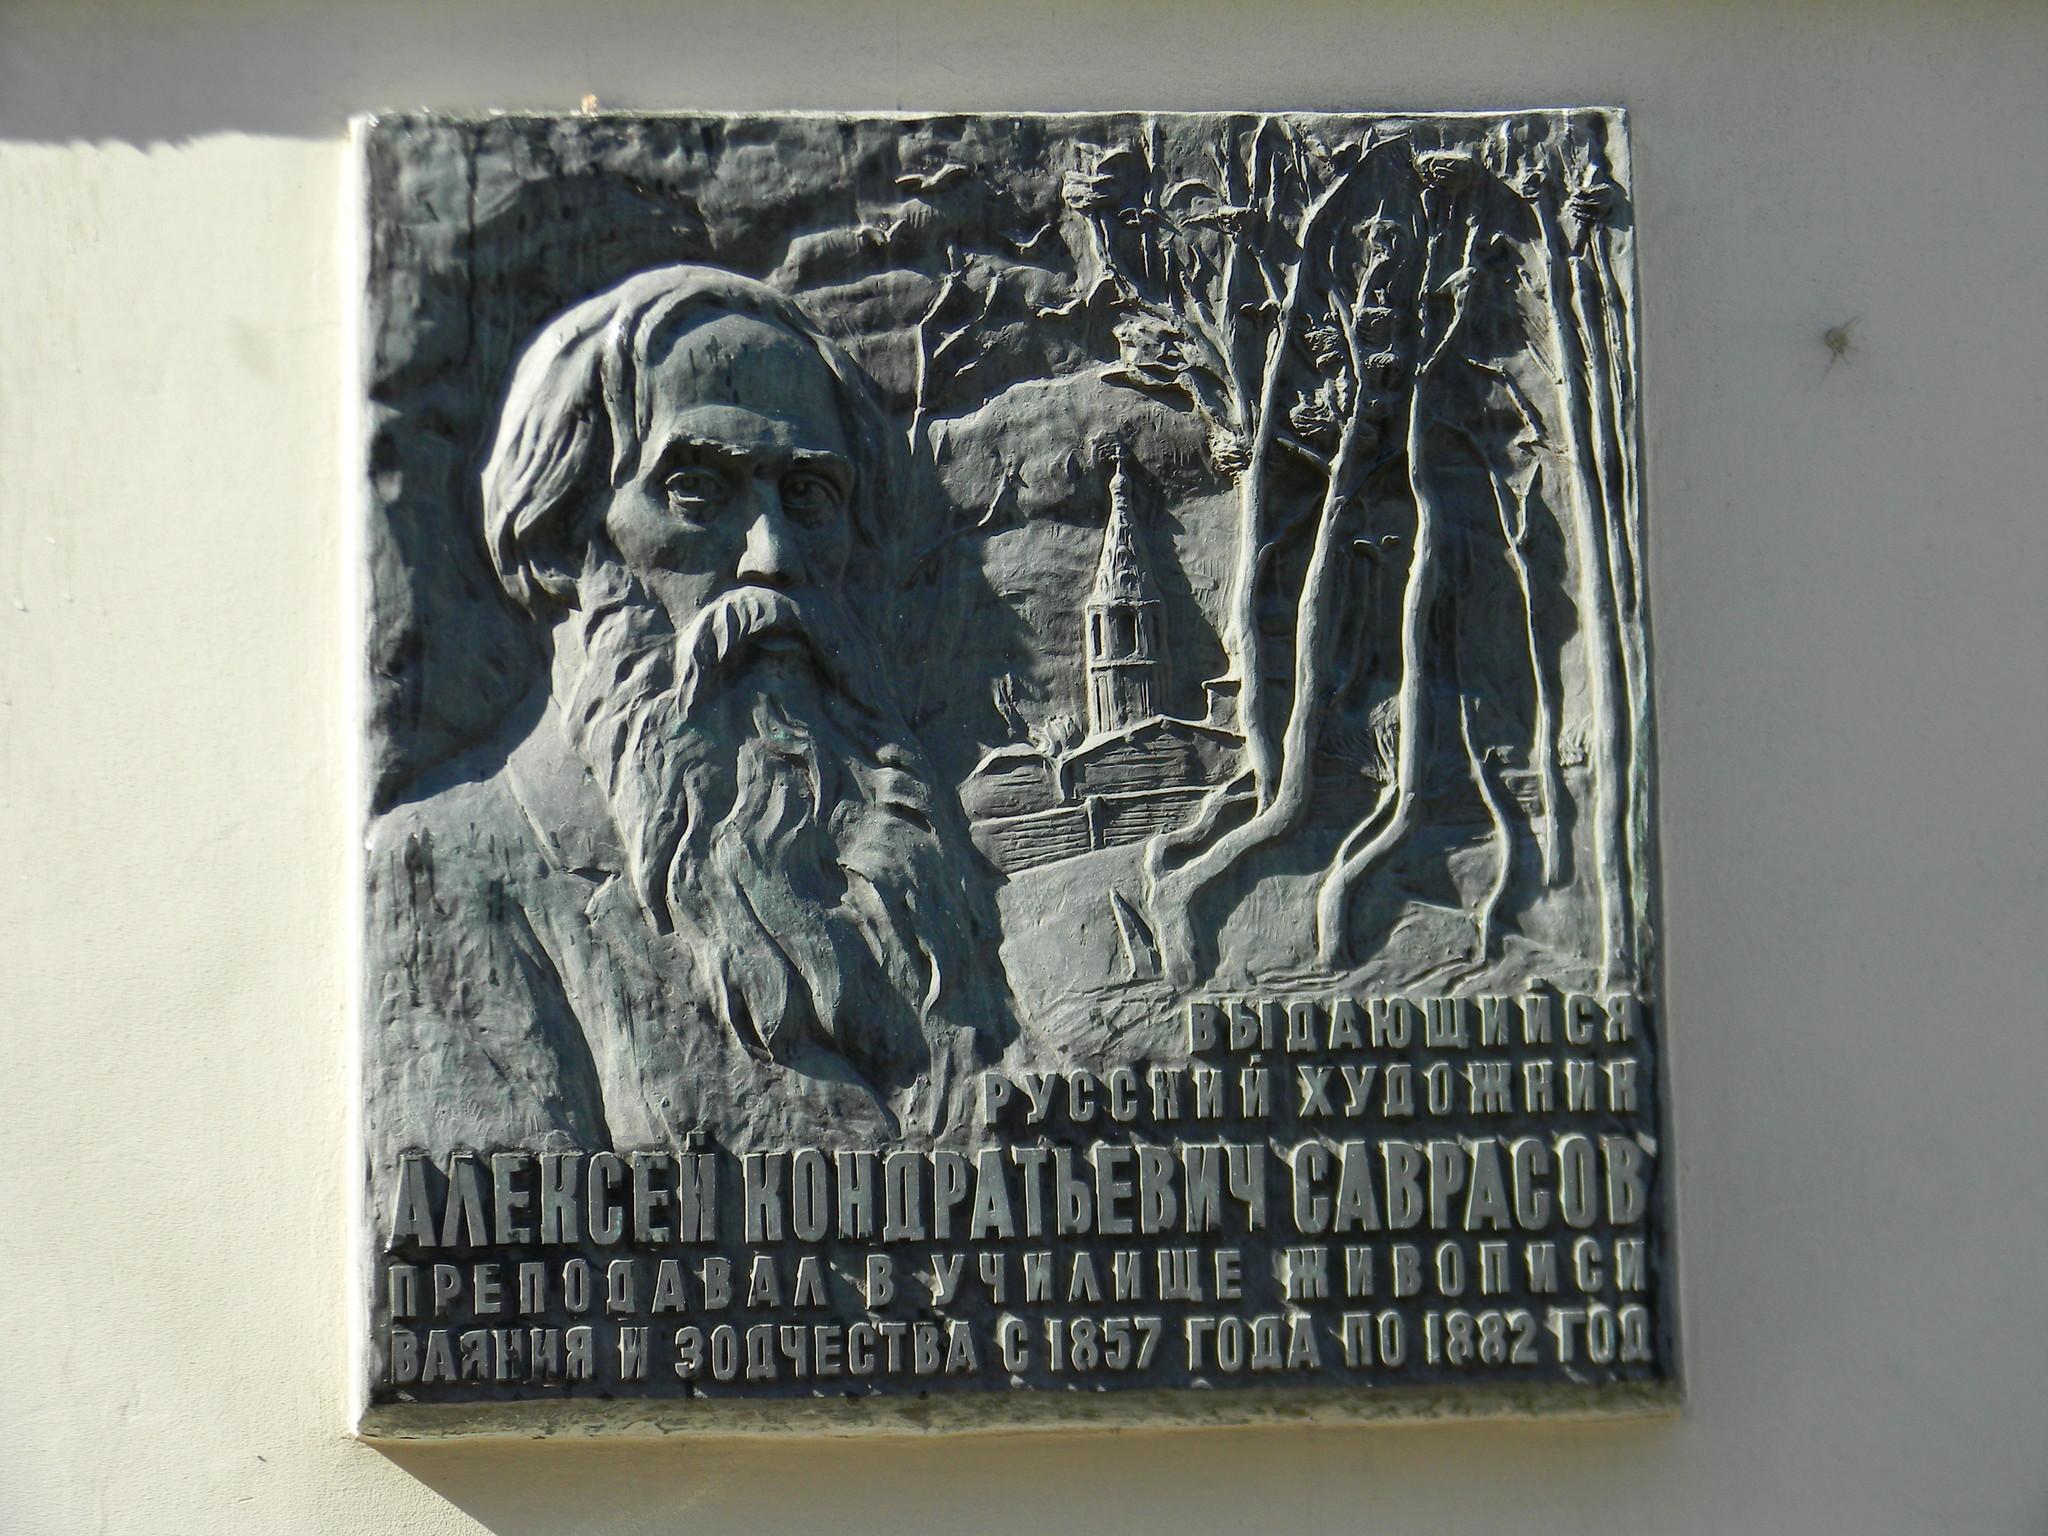 Мемориальная доска выдающемуся русскому художнику Алексею Кондратьевичу Саврасову (Мясницкая улица, дом 21/8, строение 1)